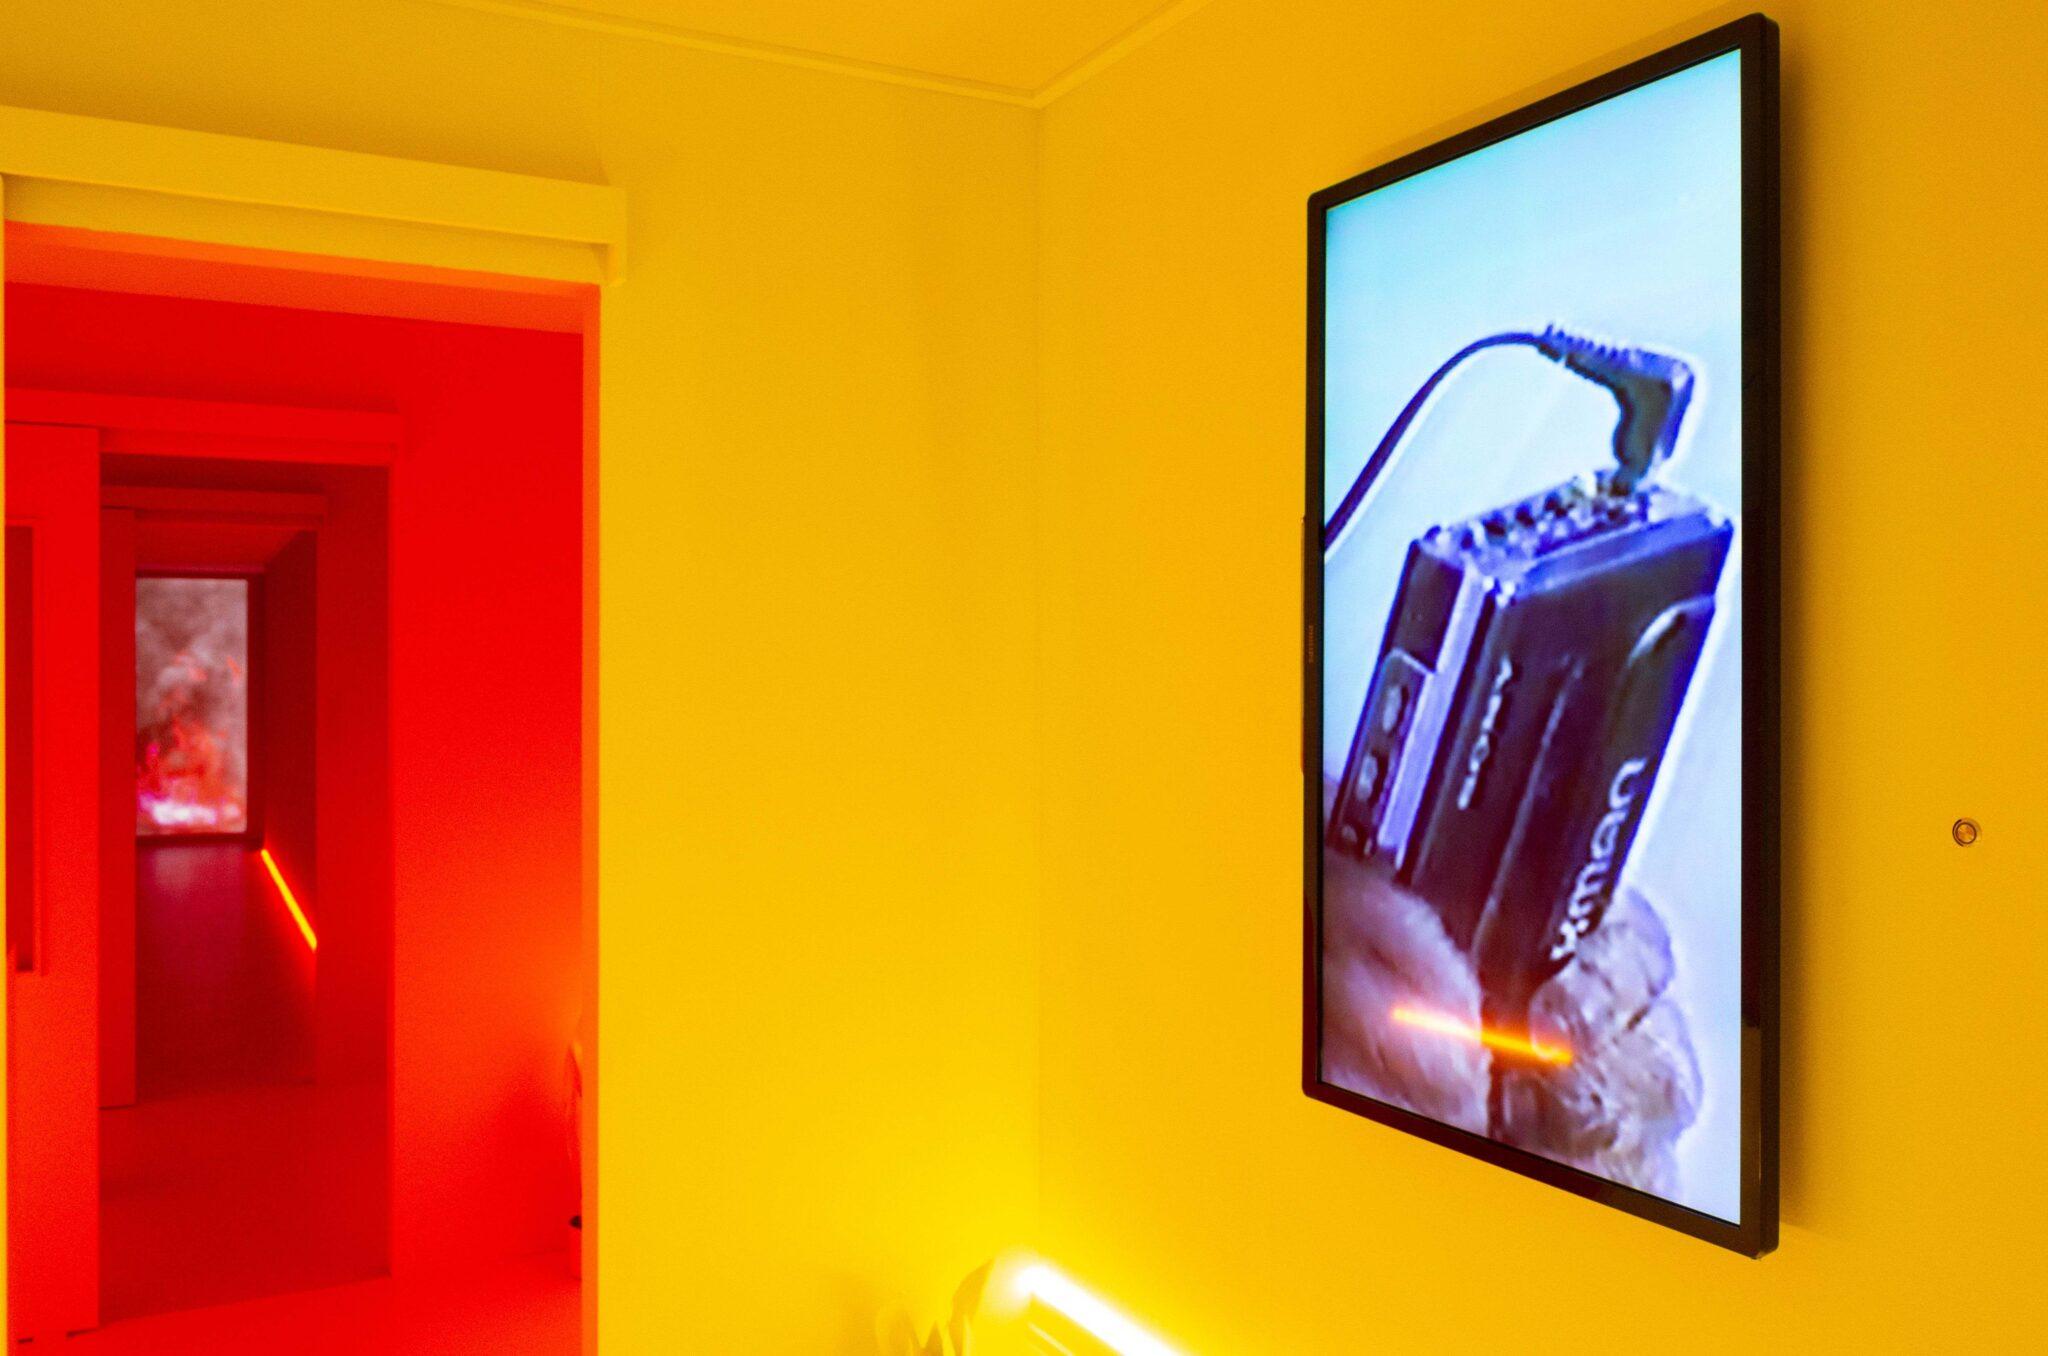 Lithium Het Nieuwe Instituut Rotterdam 02